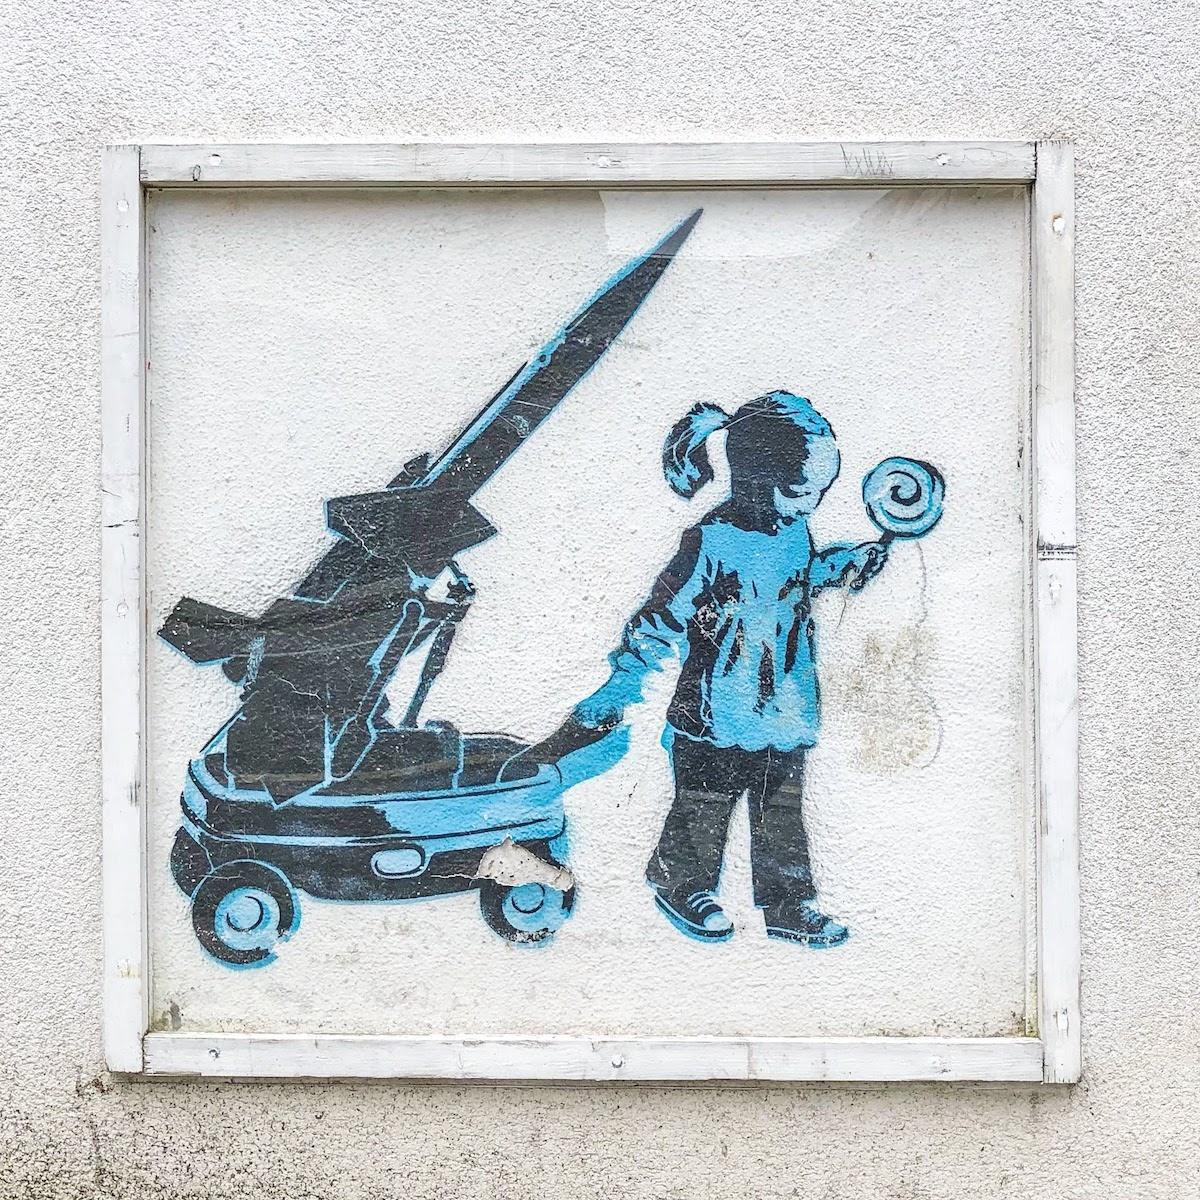 バンクシーのアートワーク(カムデン・タウン) Banksy's Artwork, Camden Town